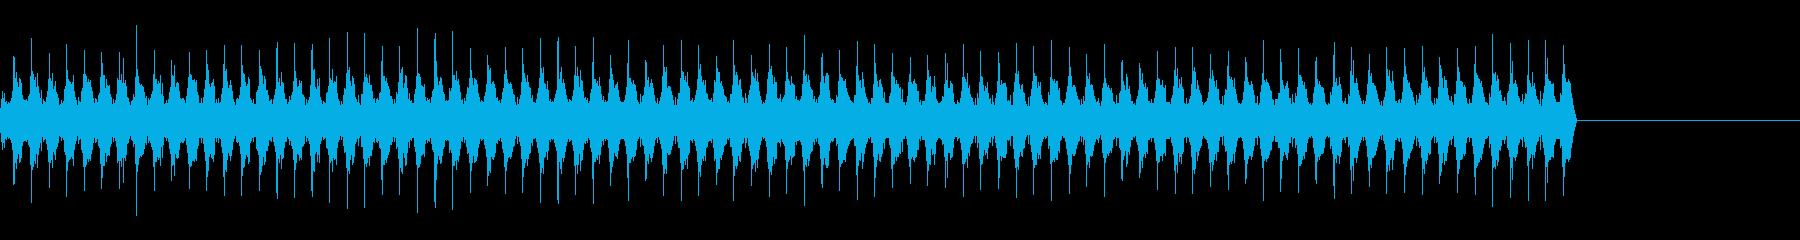 蒸気機関-マンケル1889-開始-...の再生済みの波形